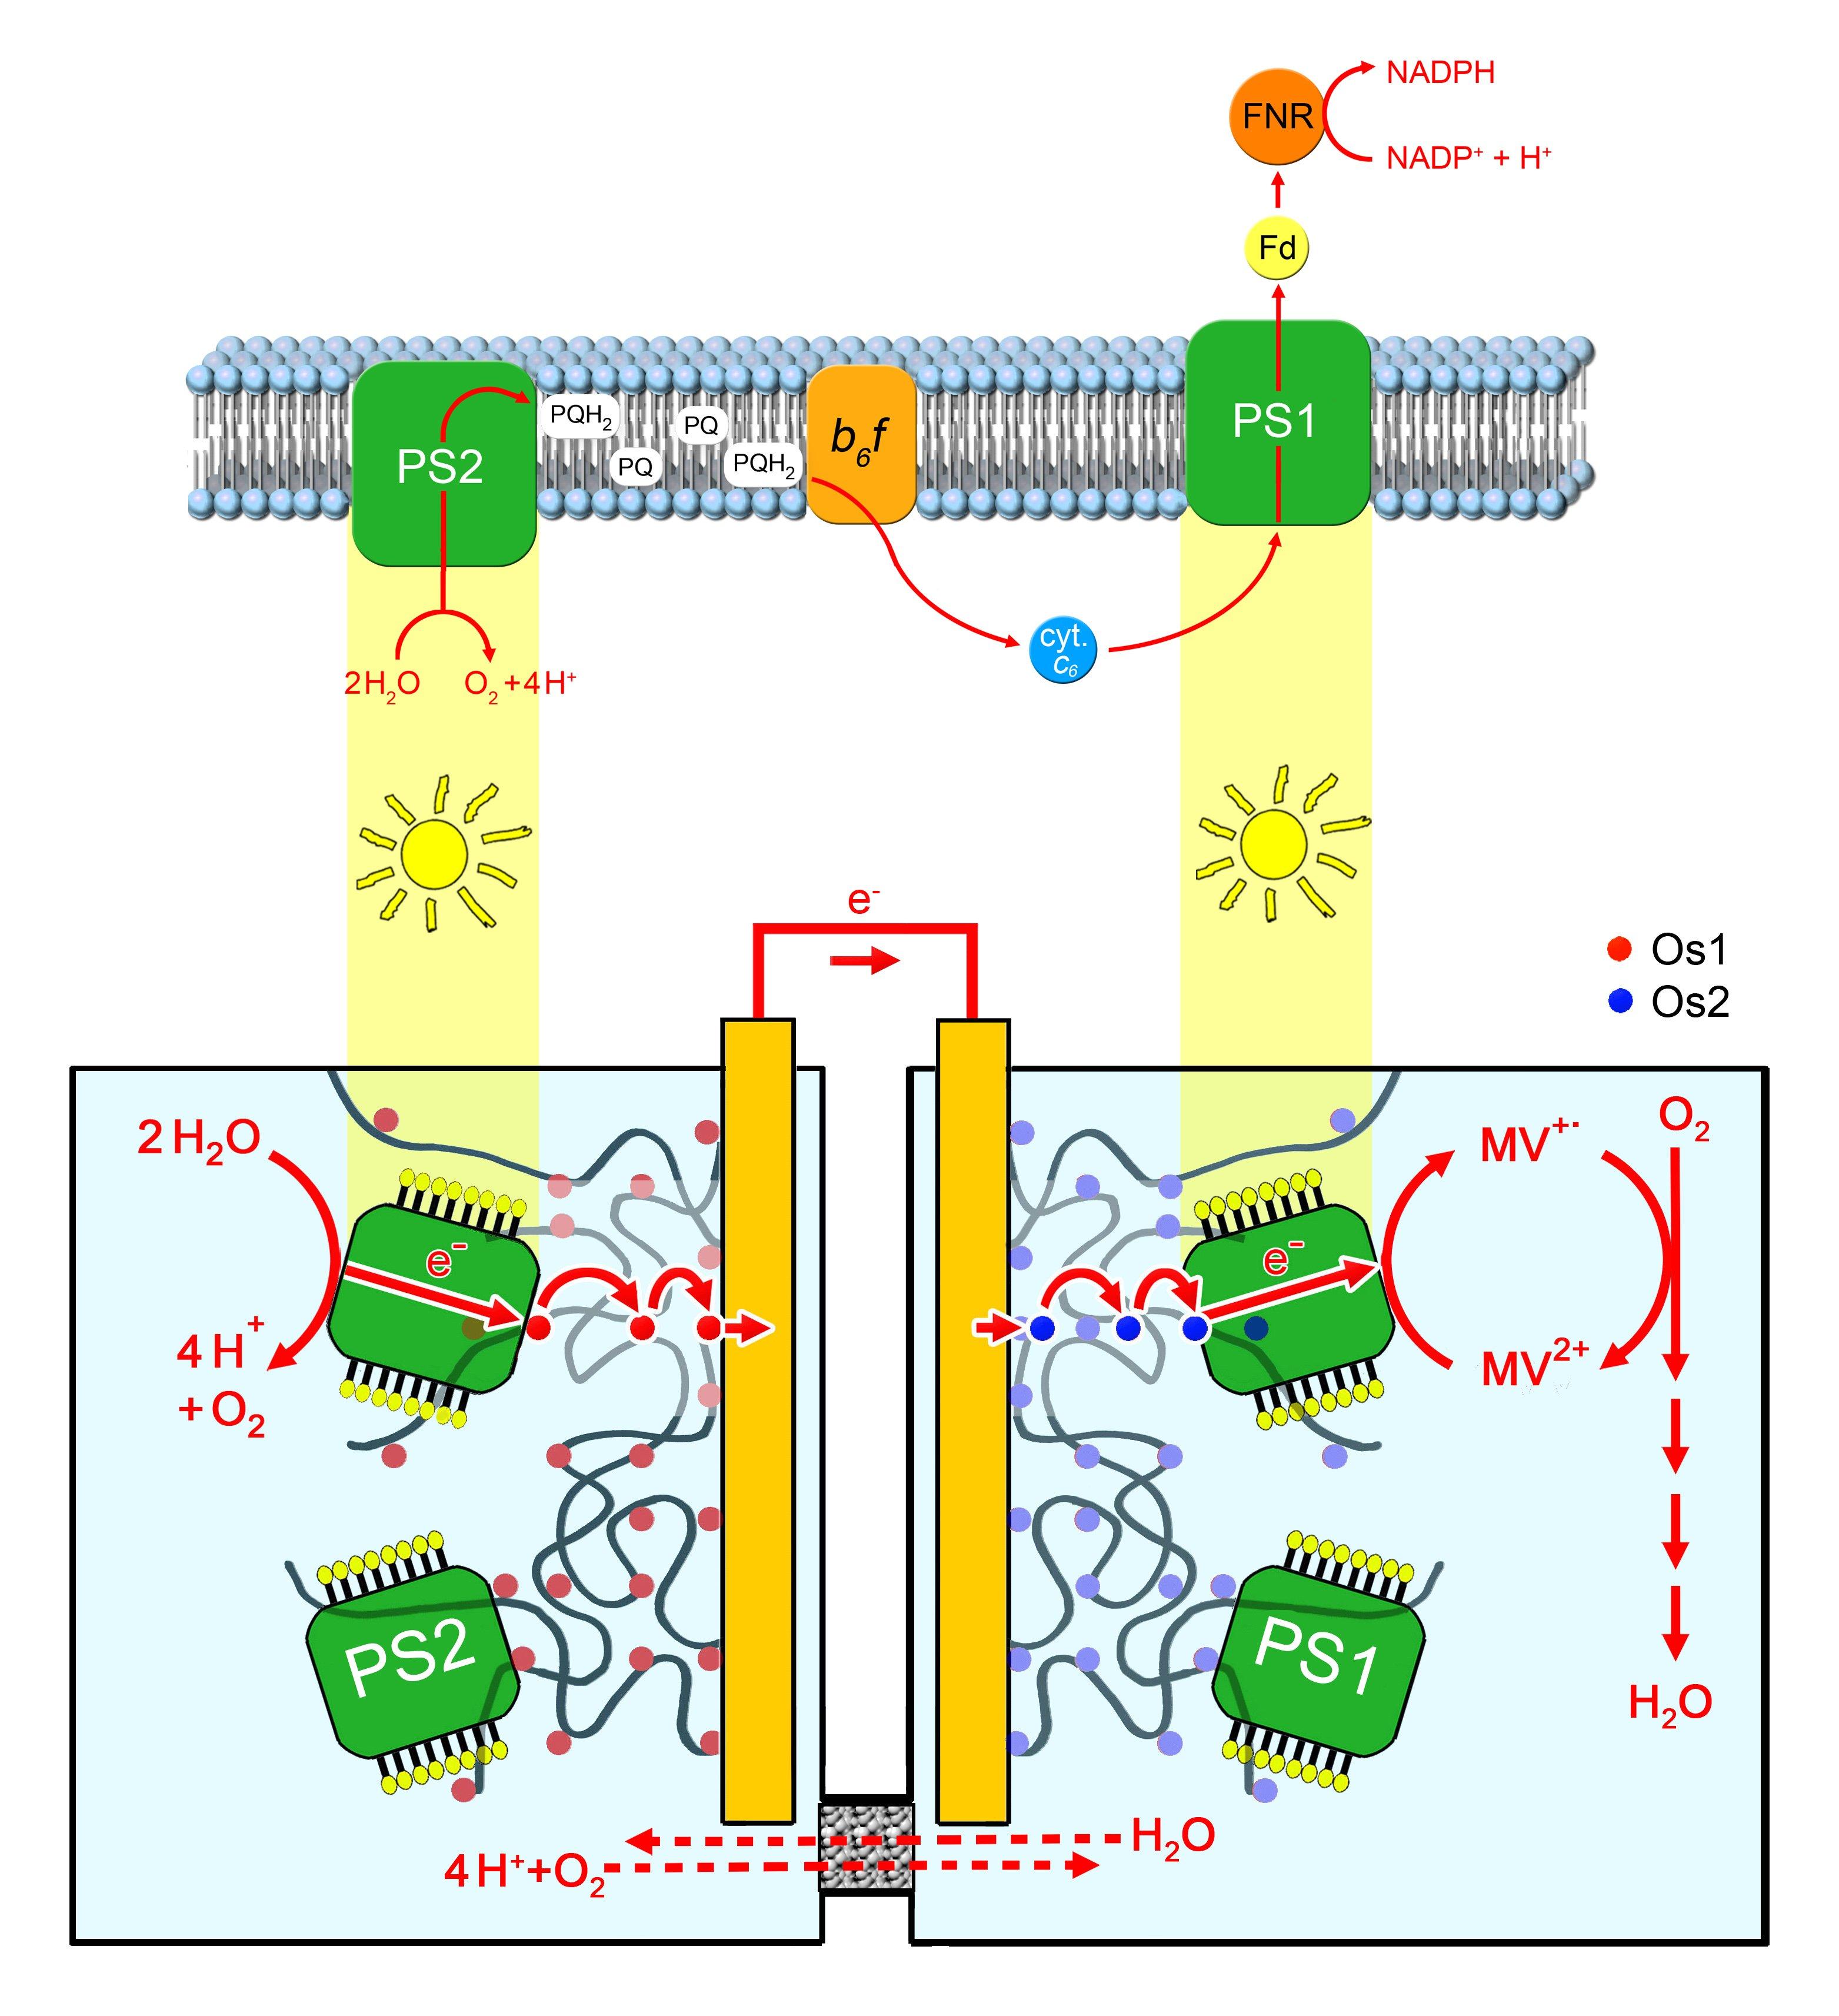 """Die neue Bio-Solarzelle besteht aus zwei Kammern: In der ersten bewirkt der Proteinkomplex """"Photosystem 1"""" (PS1) die Abspaltung von Elektronen aus Wassermolekülen. Diese fließen über Elektroden in die zweite Kammer. Dort koppelt sie PS2 an Sauerstoff und es entsteht Wasser. Angetrieben wird das System von Lichtenergie."""